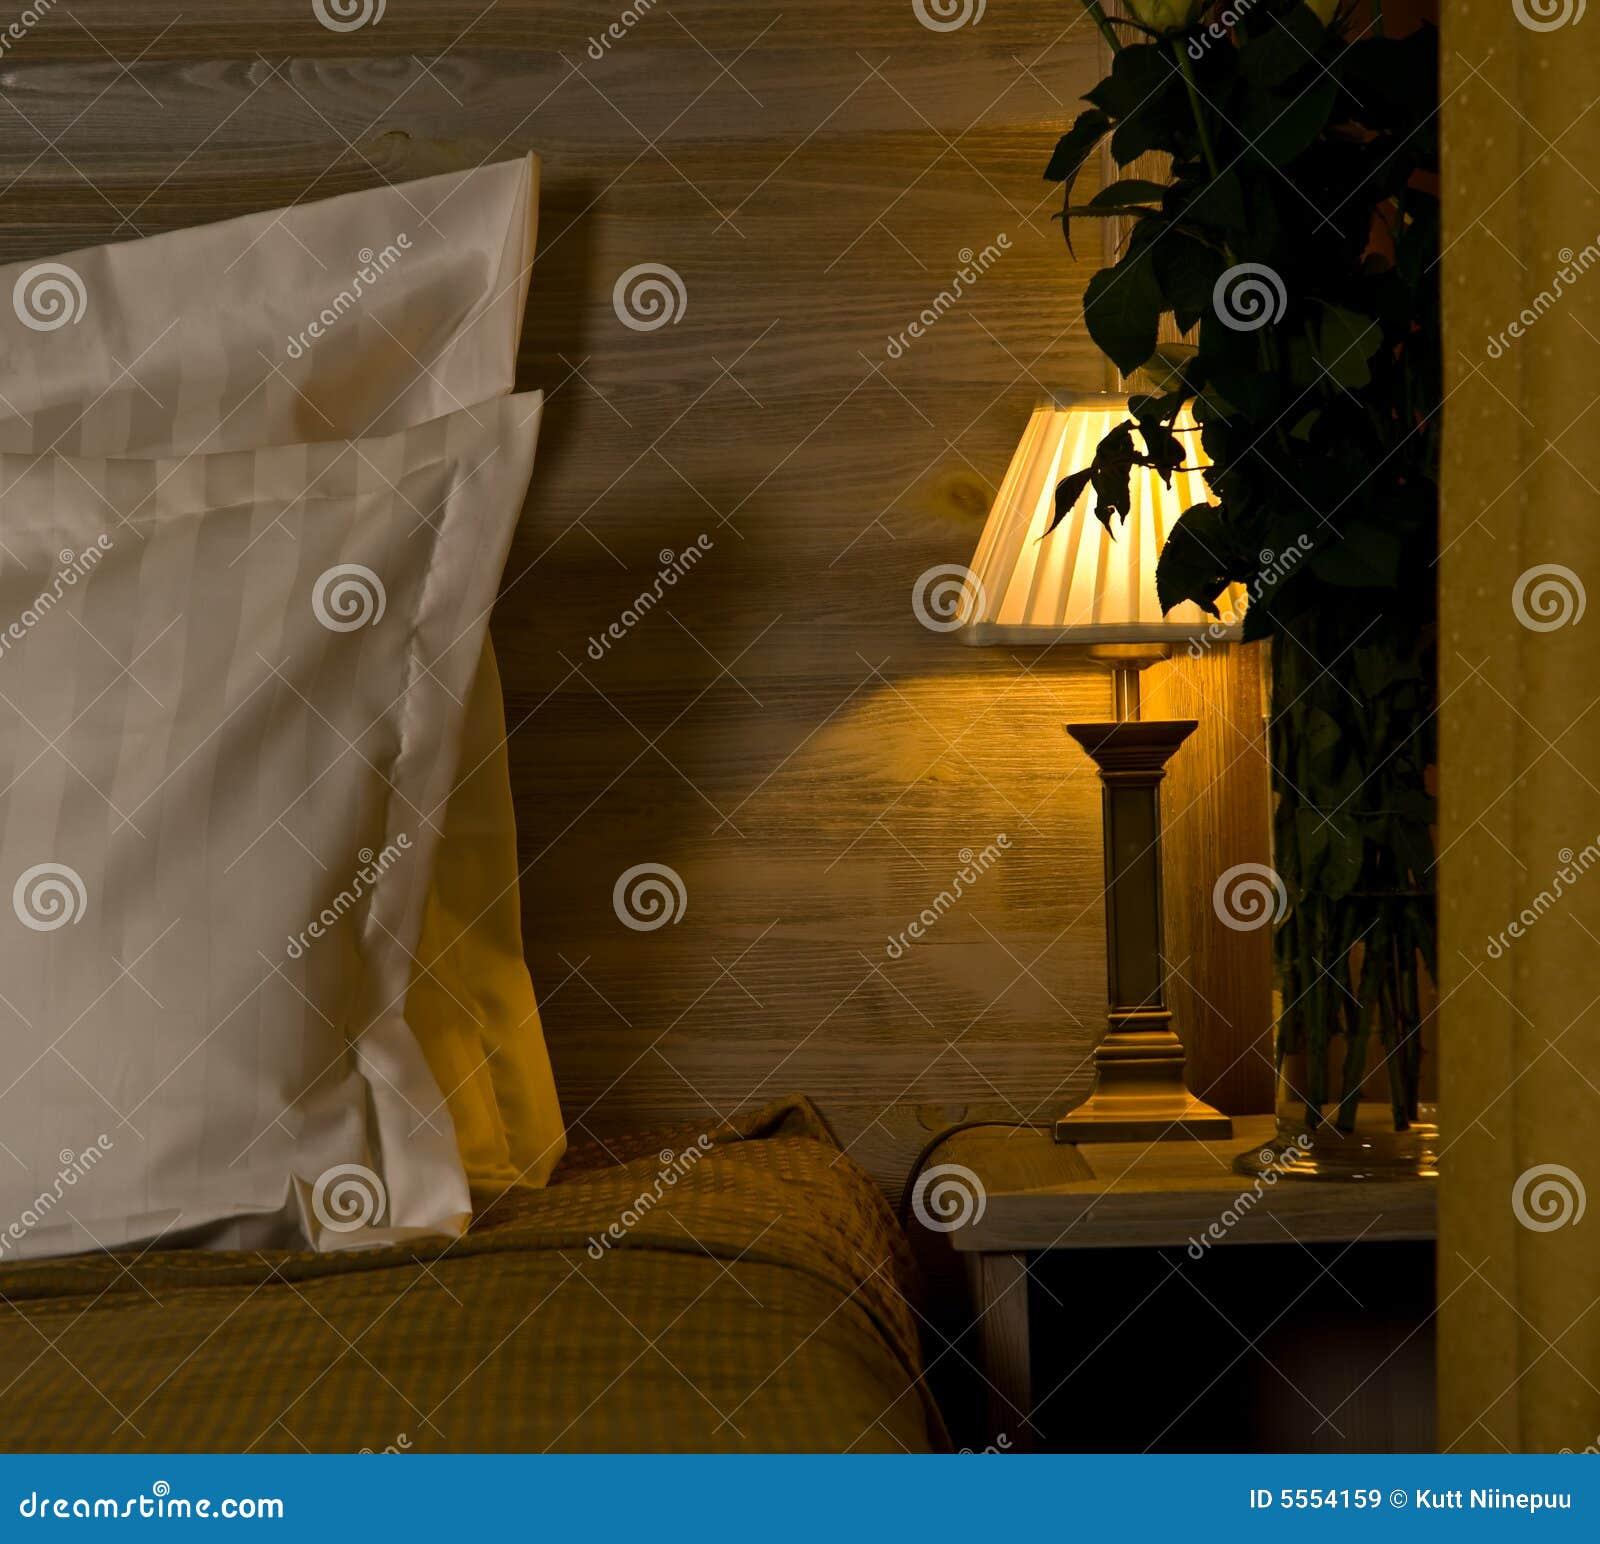 Lampe auf Schlafzimmer nightstand